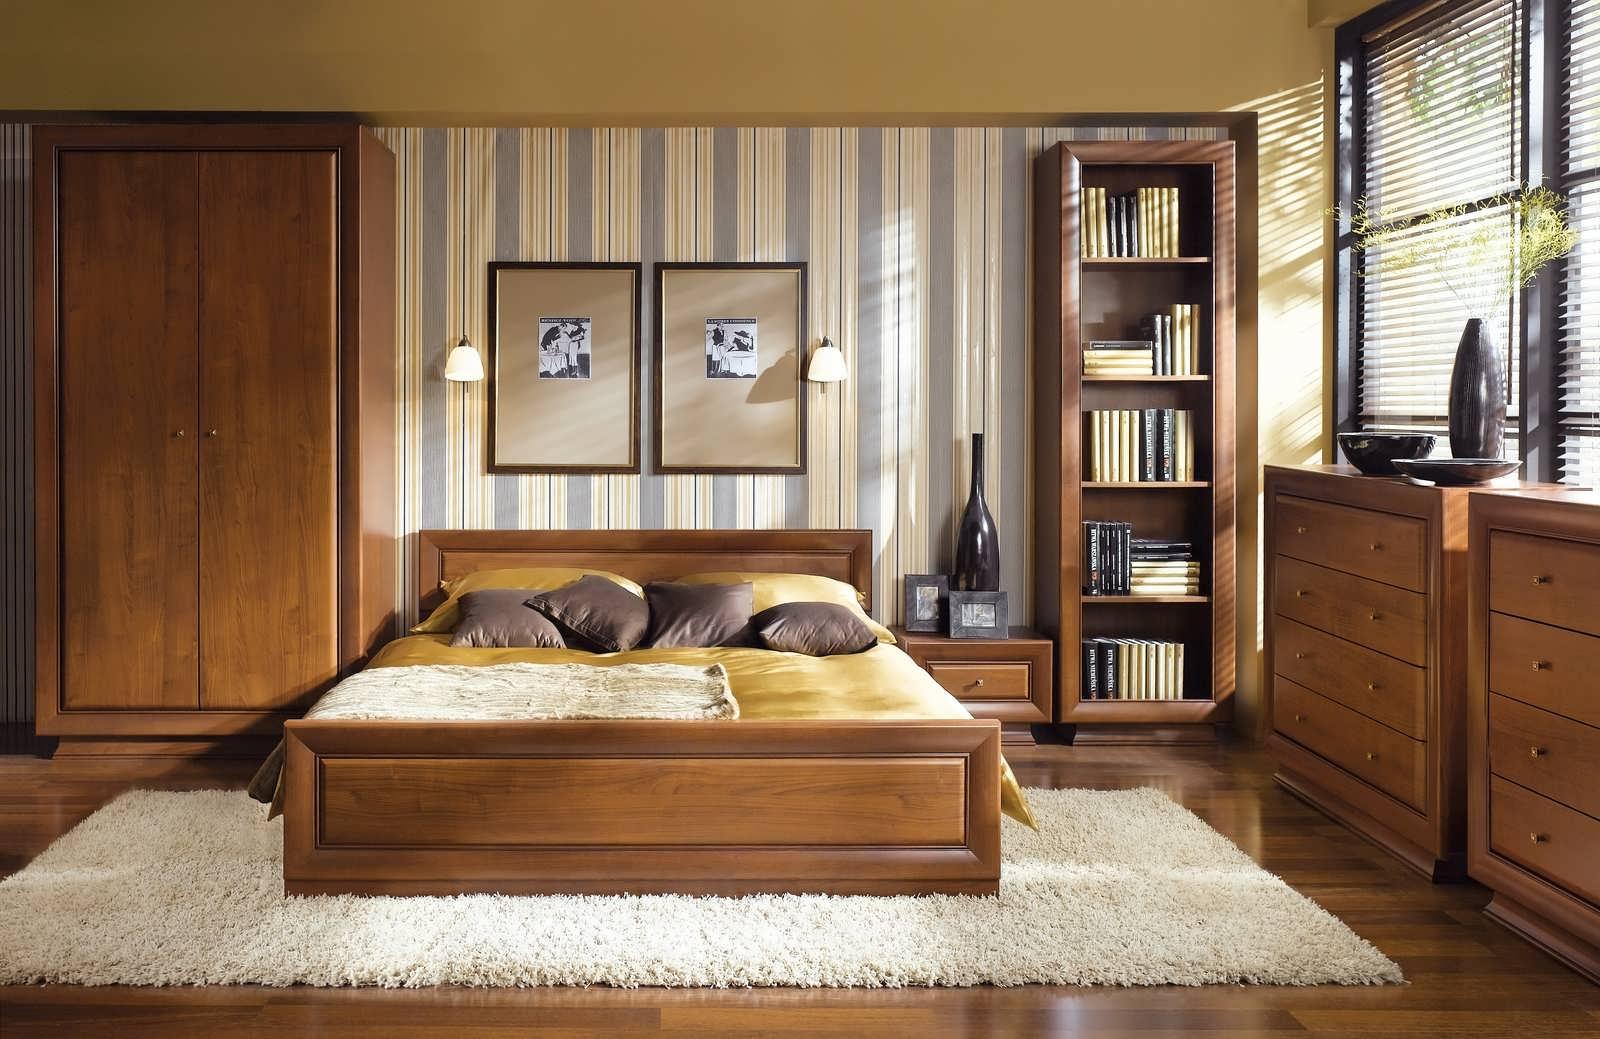 Спальня с мебелью из вишни